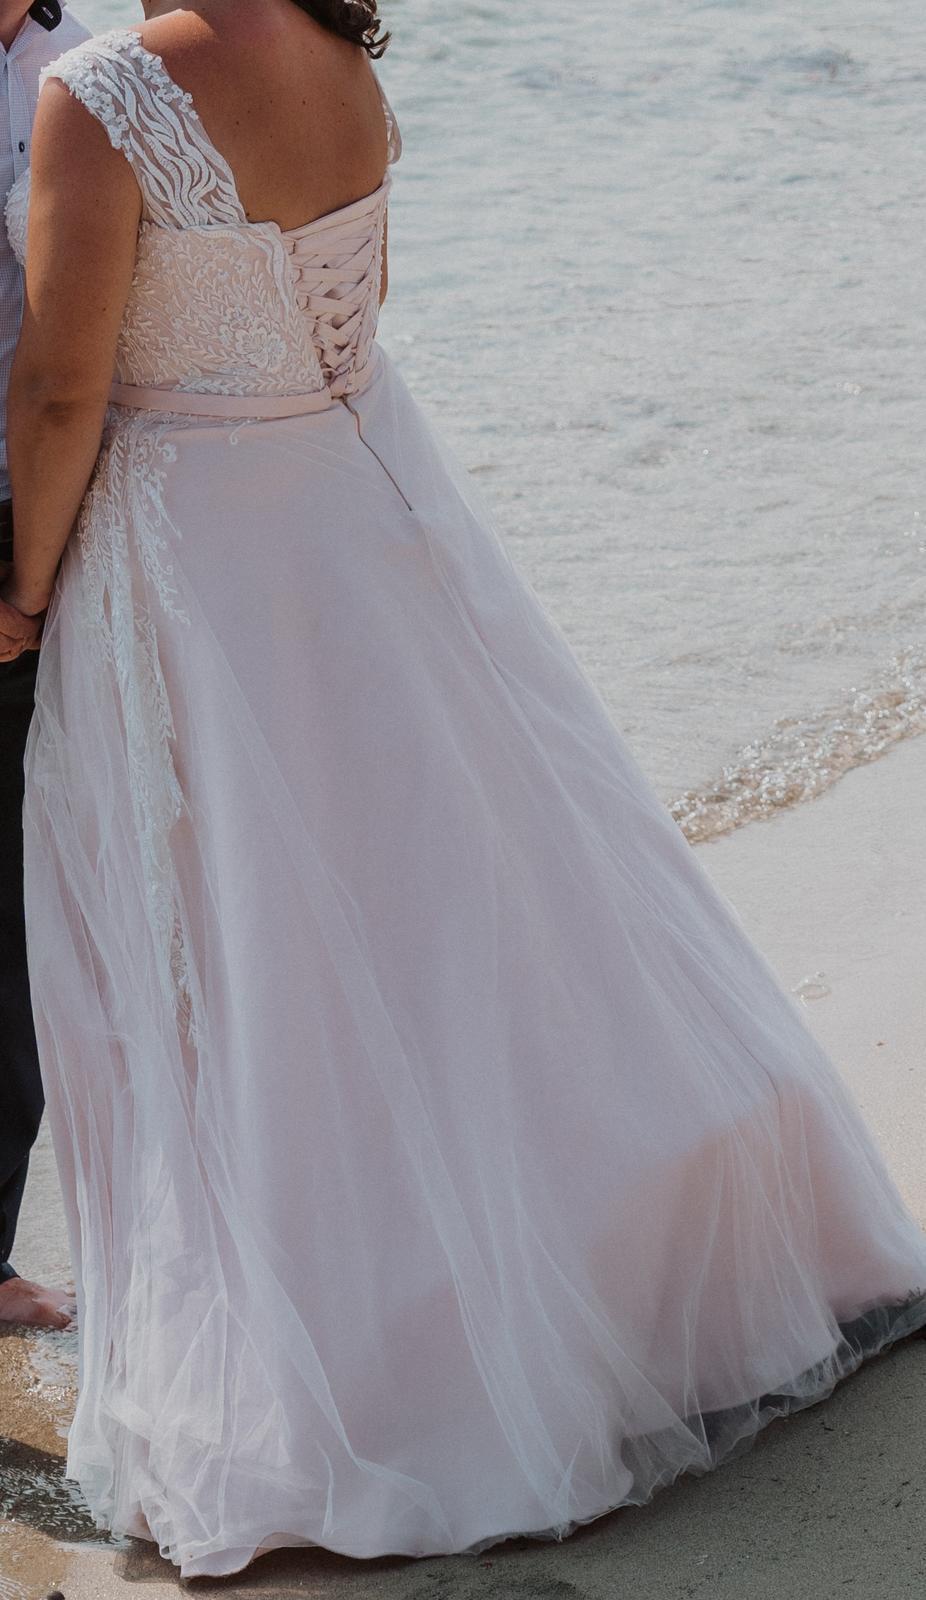 bielo ružové svadobné šaty 42-44 - Obrázok č. 4